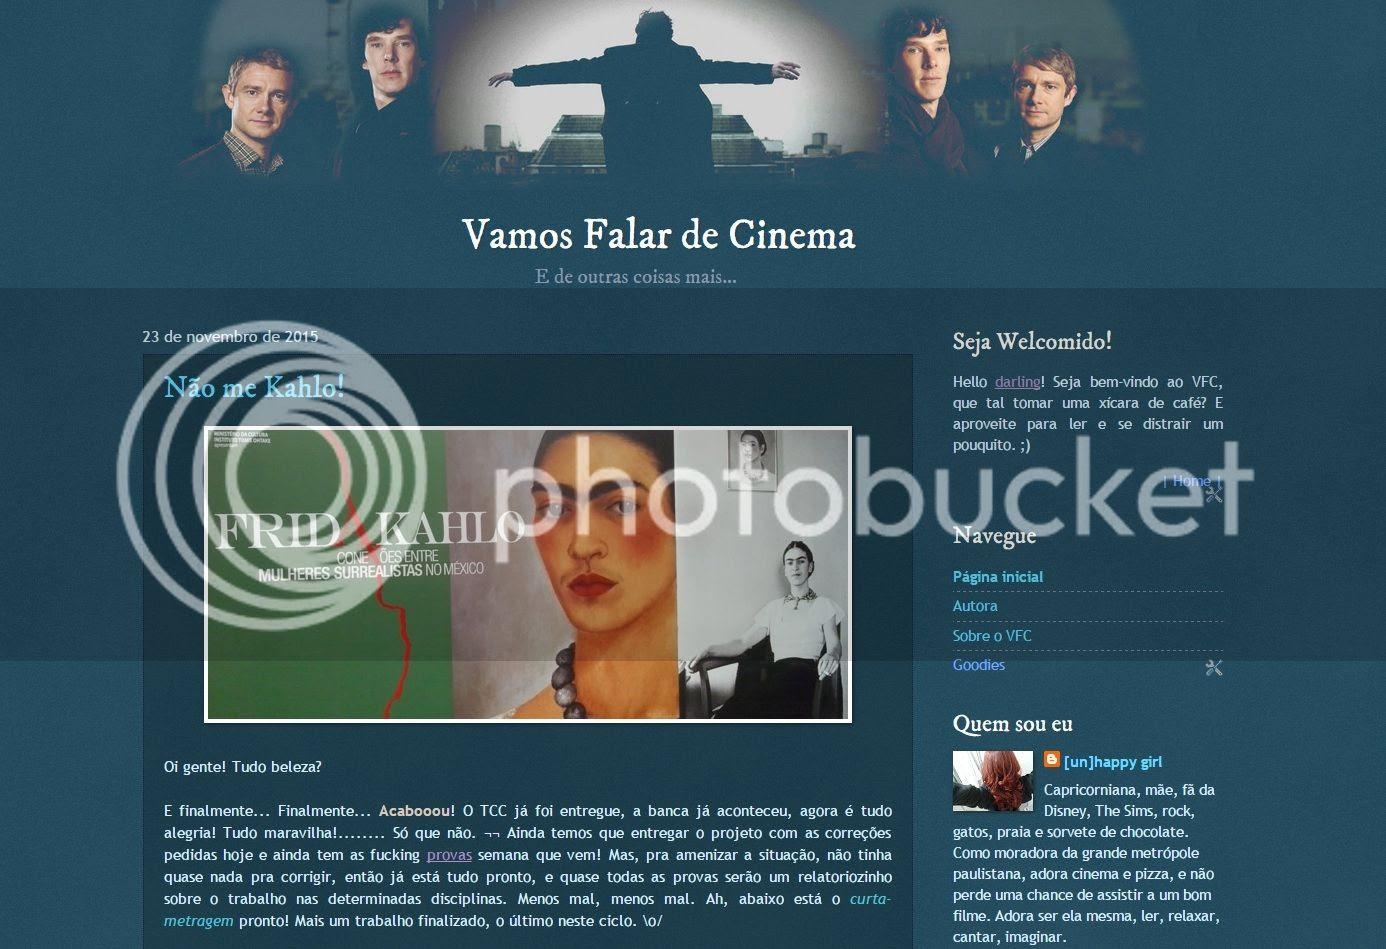 4ª versão do Vamos Falar de Cinema